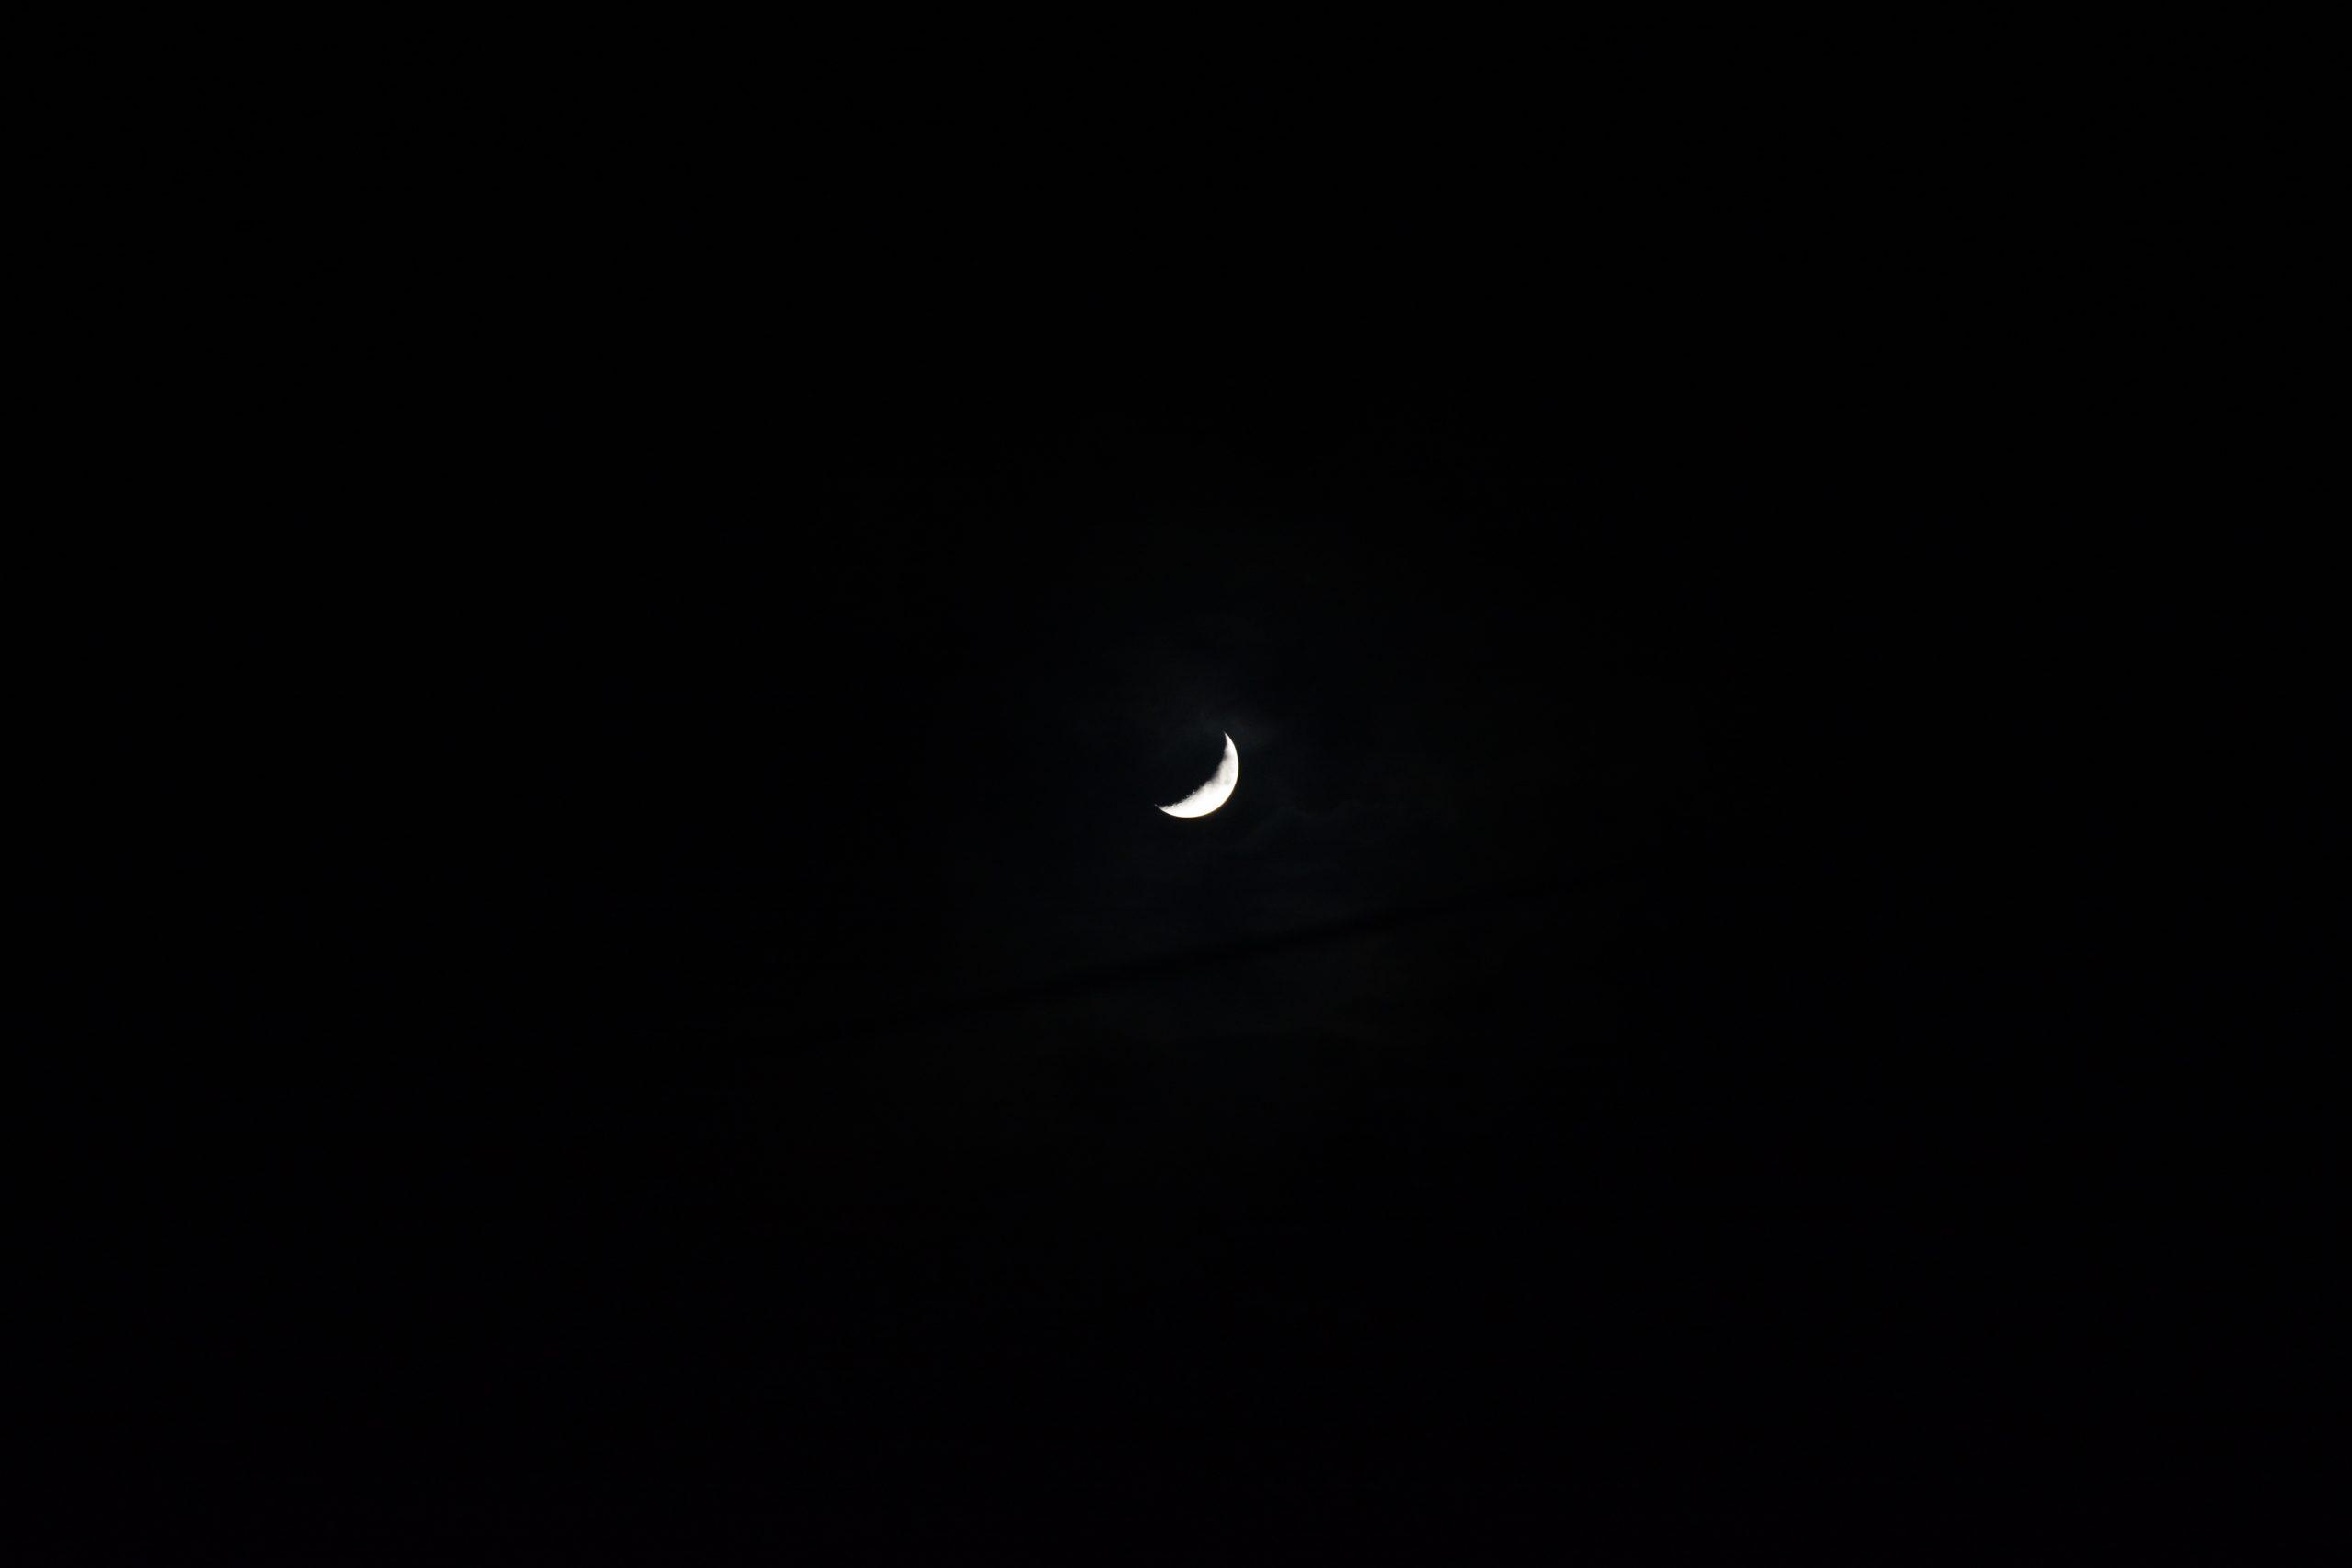 Quarter Moon Scenery